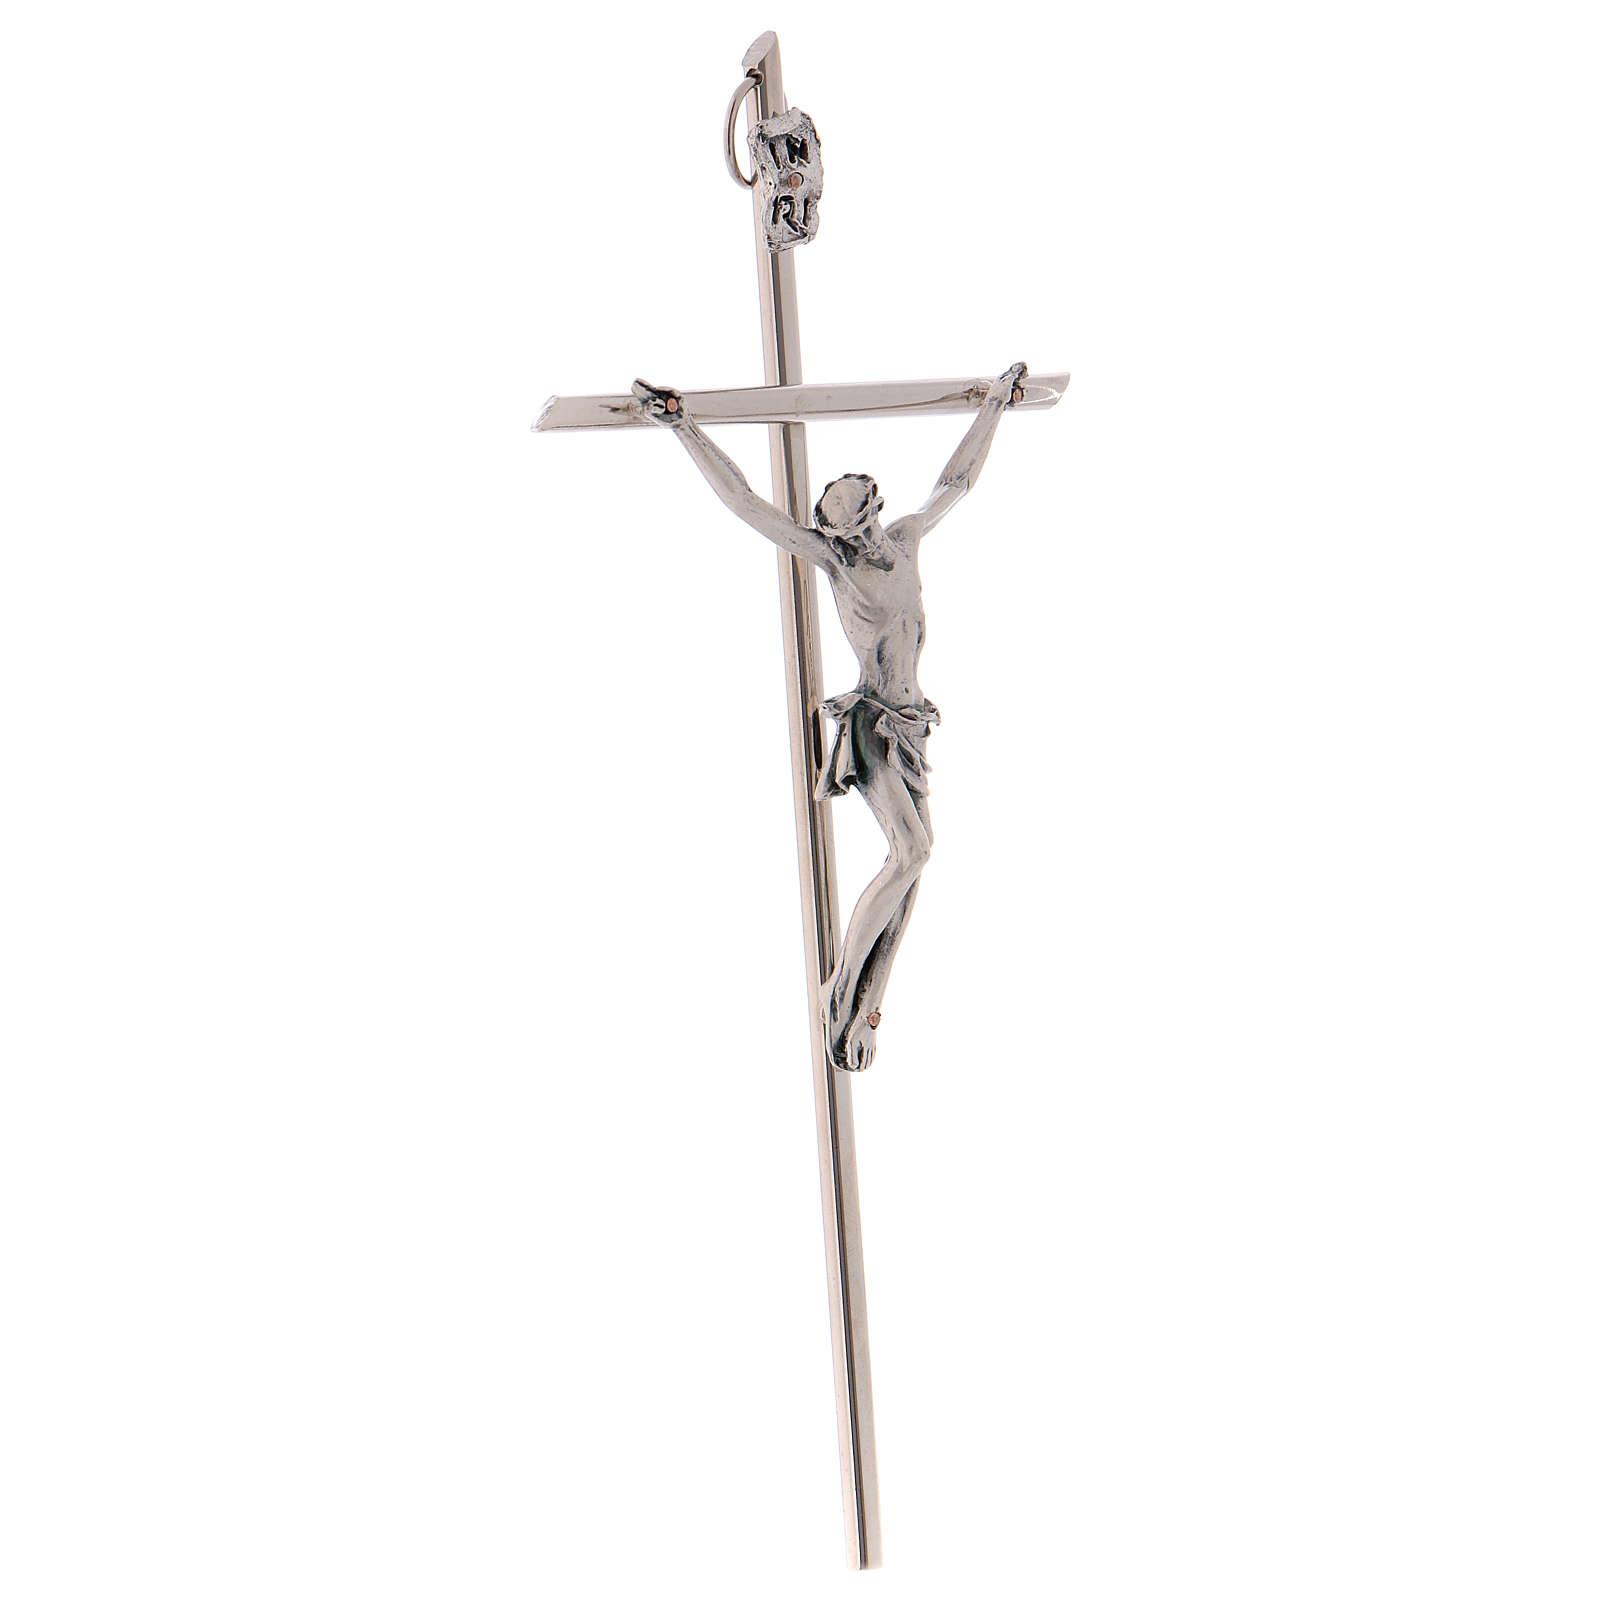 Crocefisso metallo classico croce dritta 4